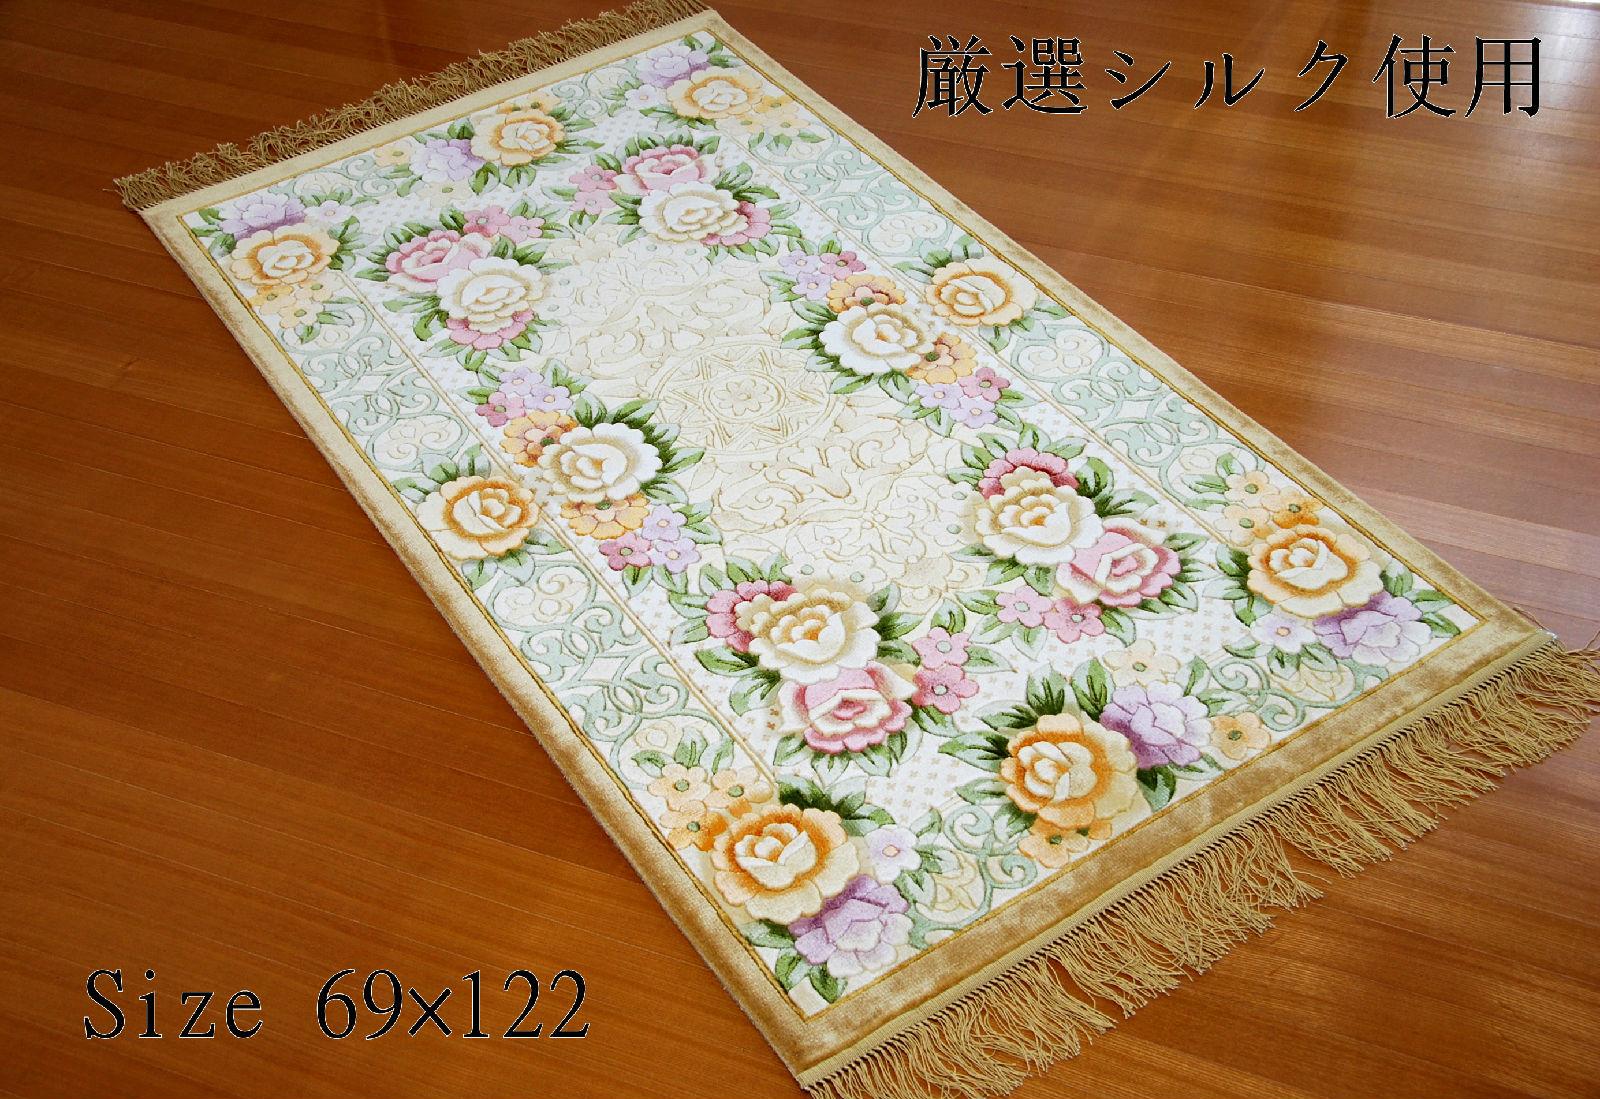 厳選シルク使用!ハイクオリティーシルク手織り段通 69×122 ベージュ